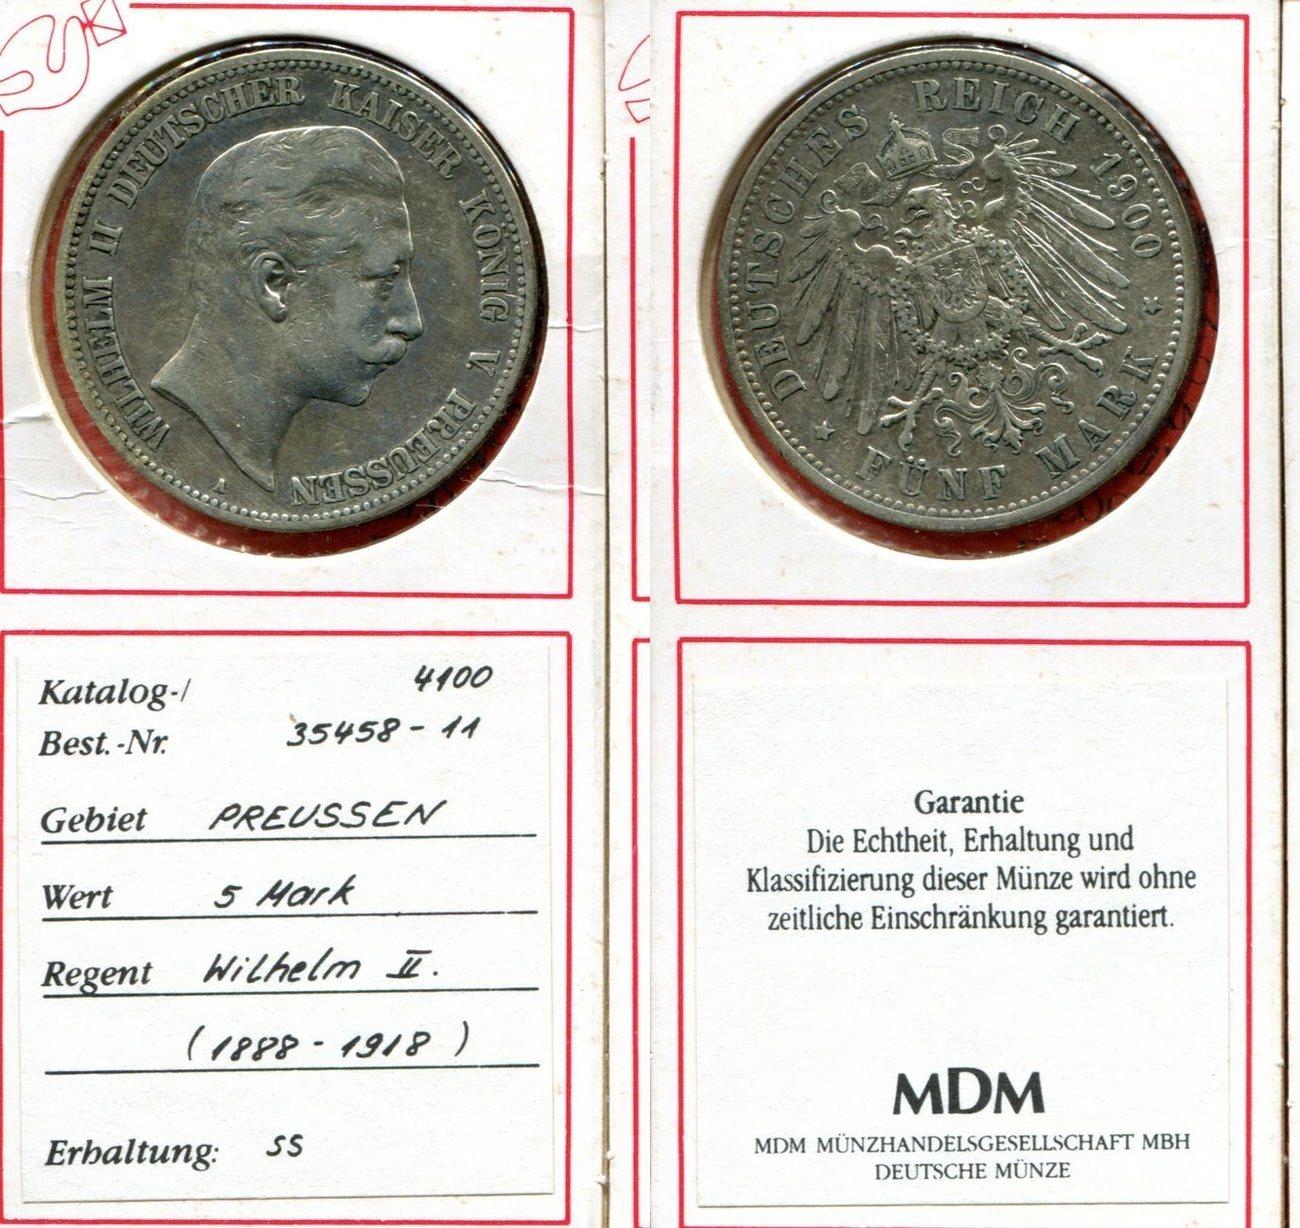 5 Mark Silber 1900 Brandenburg Preußen Deutsches Reich Preußen 5